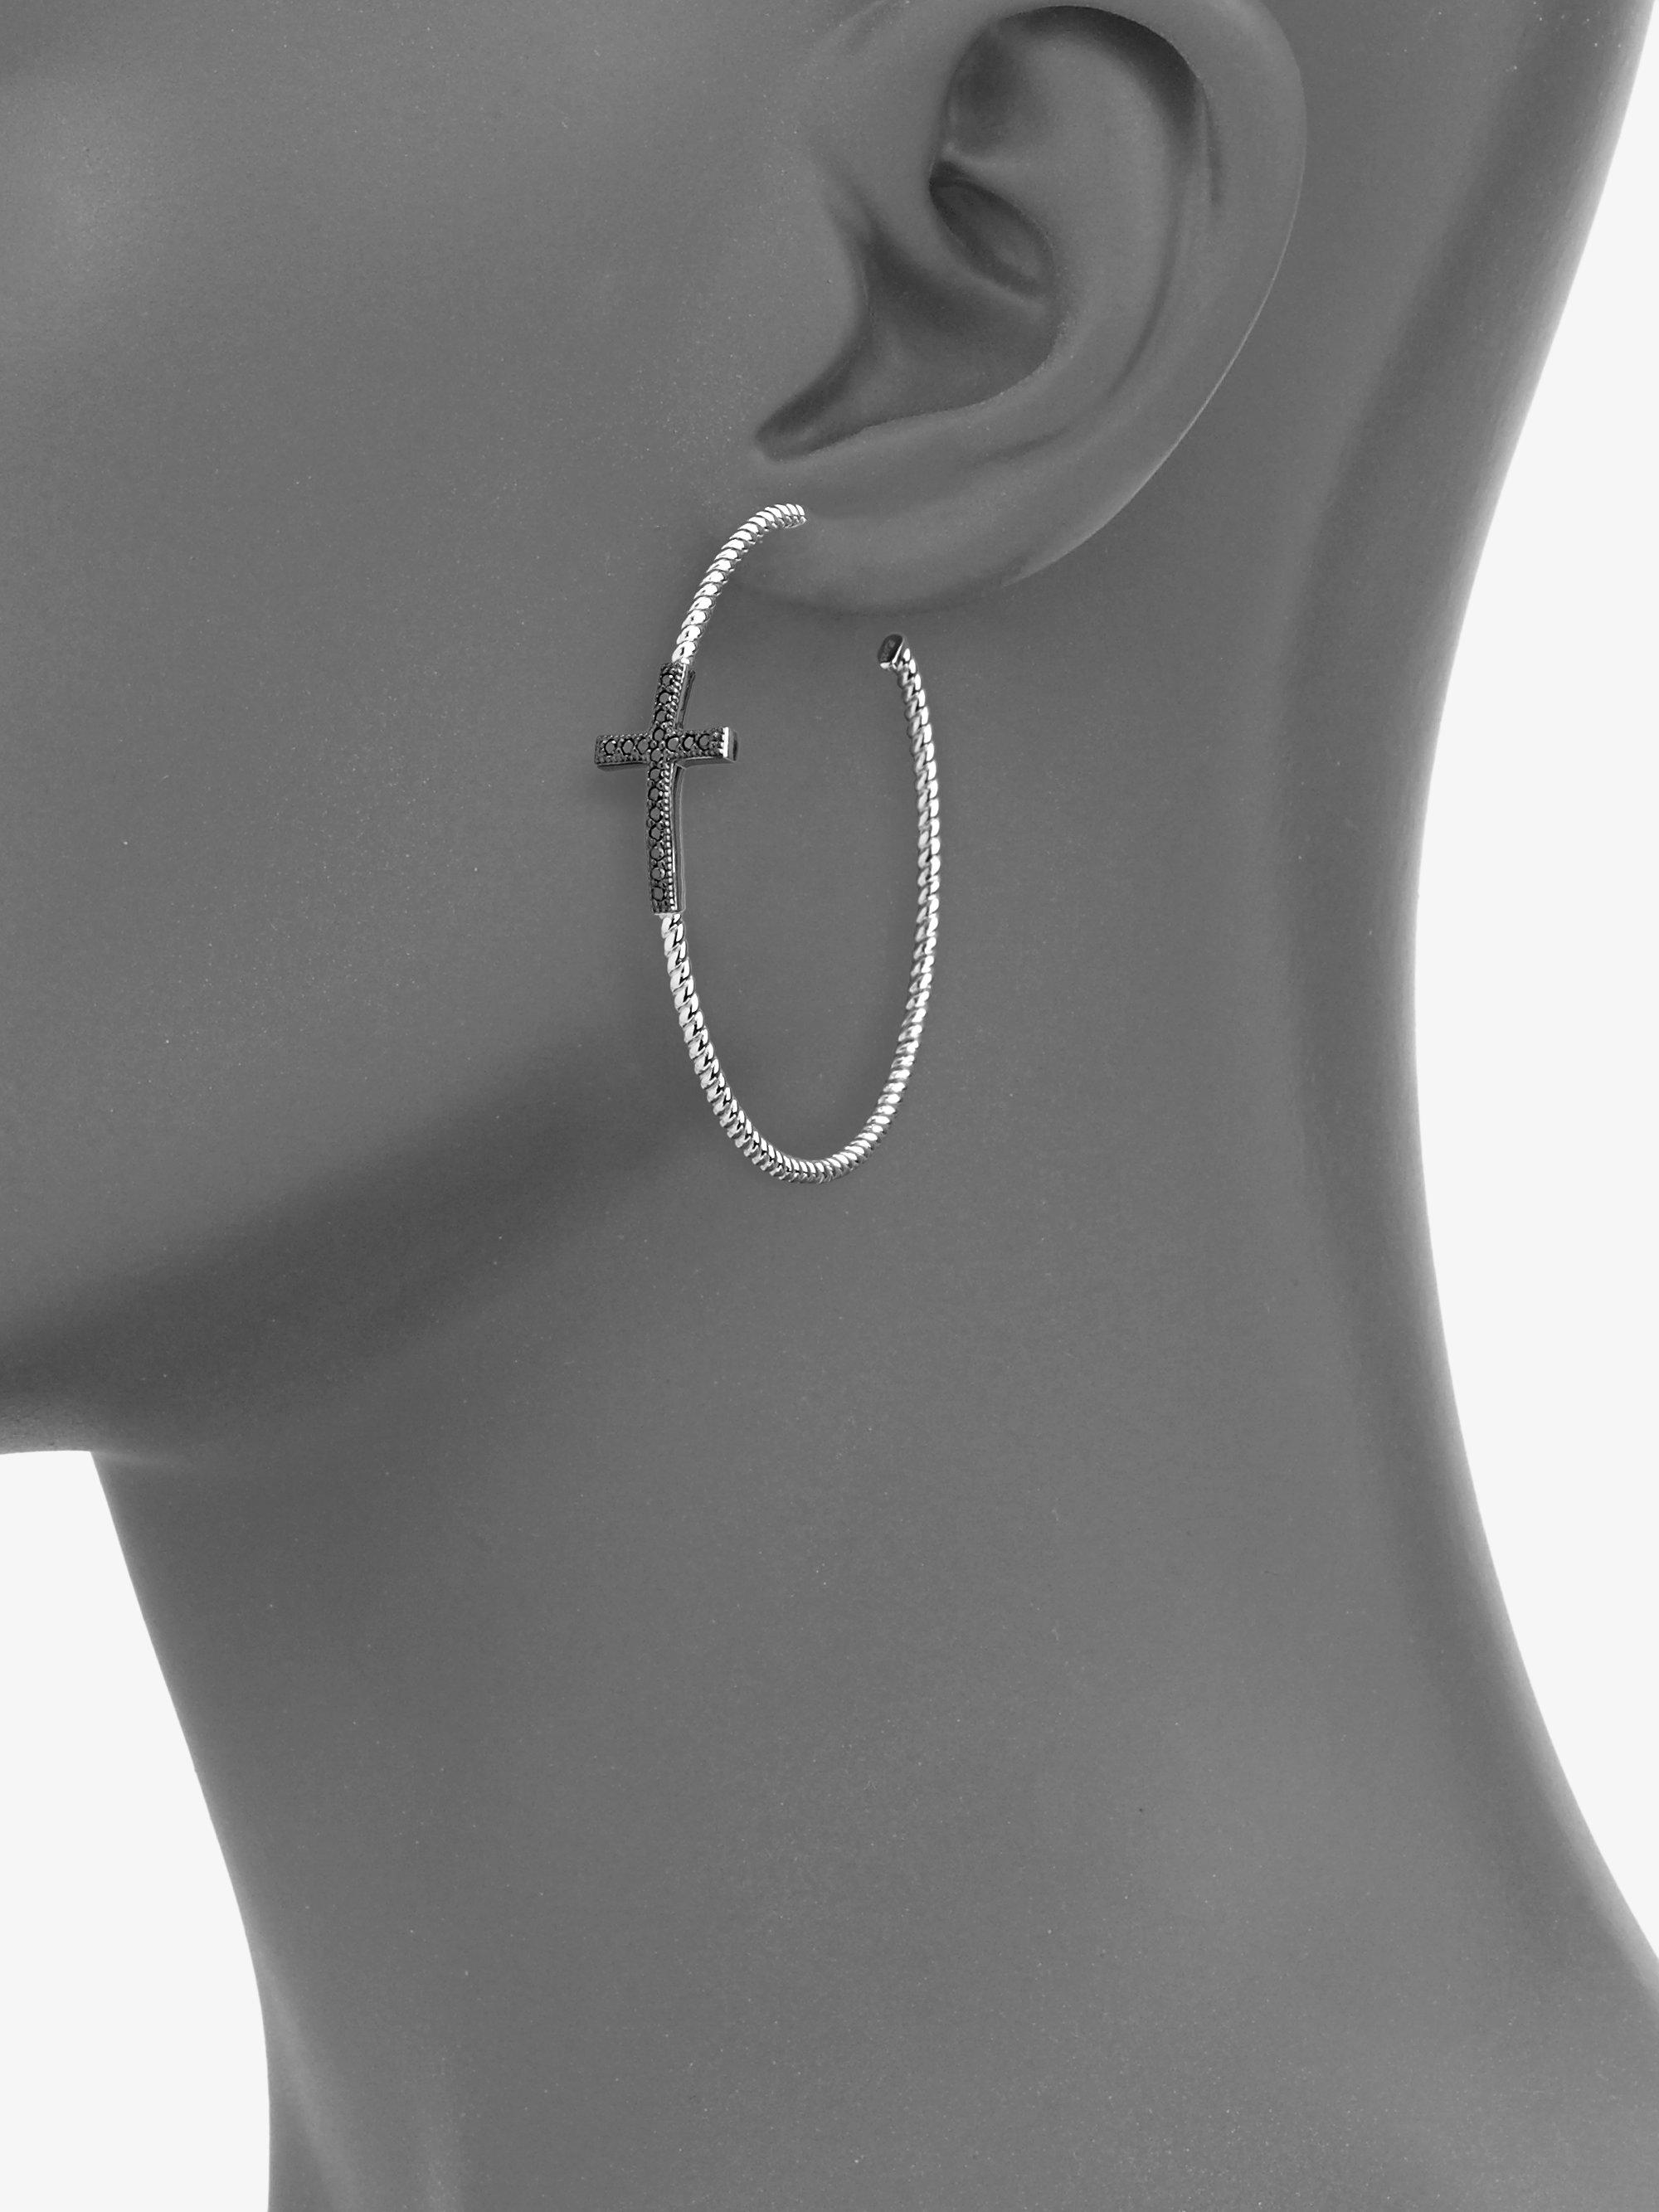 1322a09c16359 Large Silver Cross Hoop Earrings - Best All Earring Photos ...